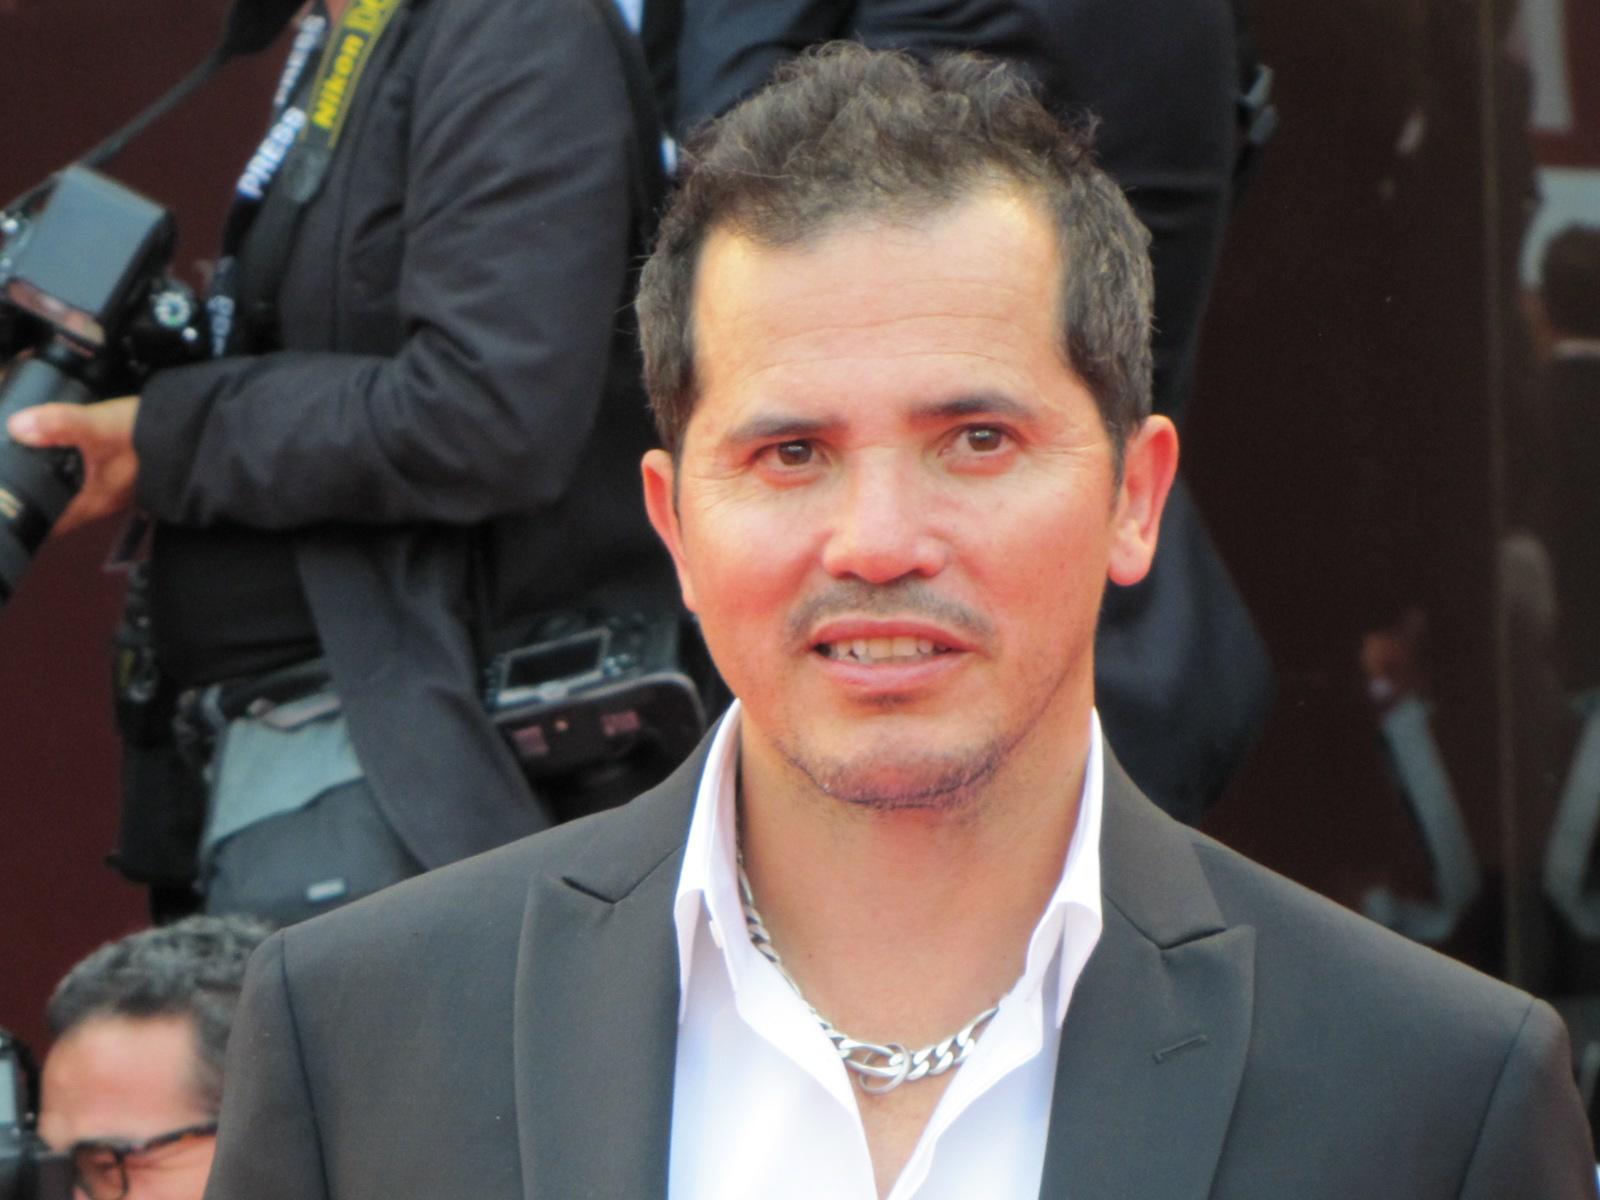 Mostra del Cinema di Venezia 2014. Leguizamo sul red carpet per Cymbeline